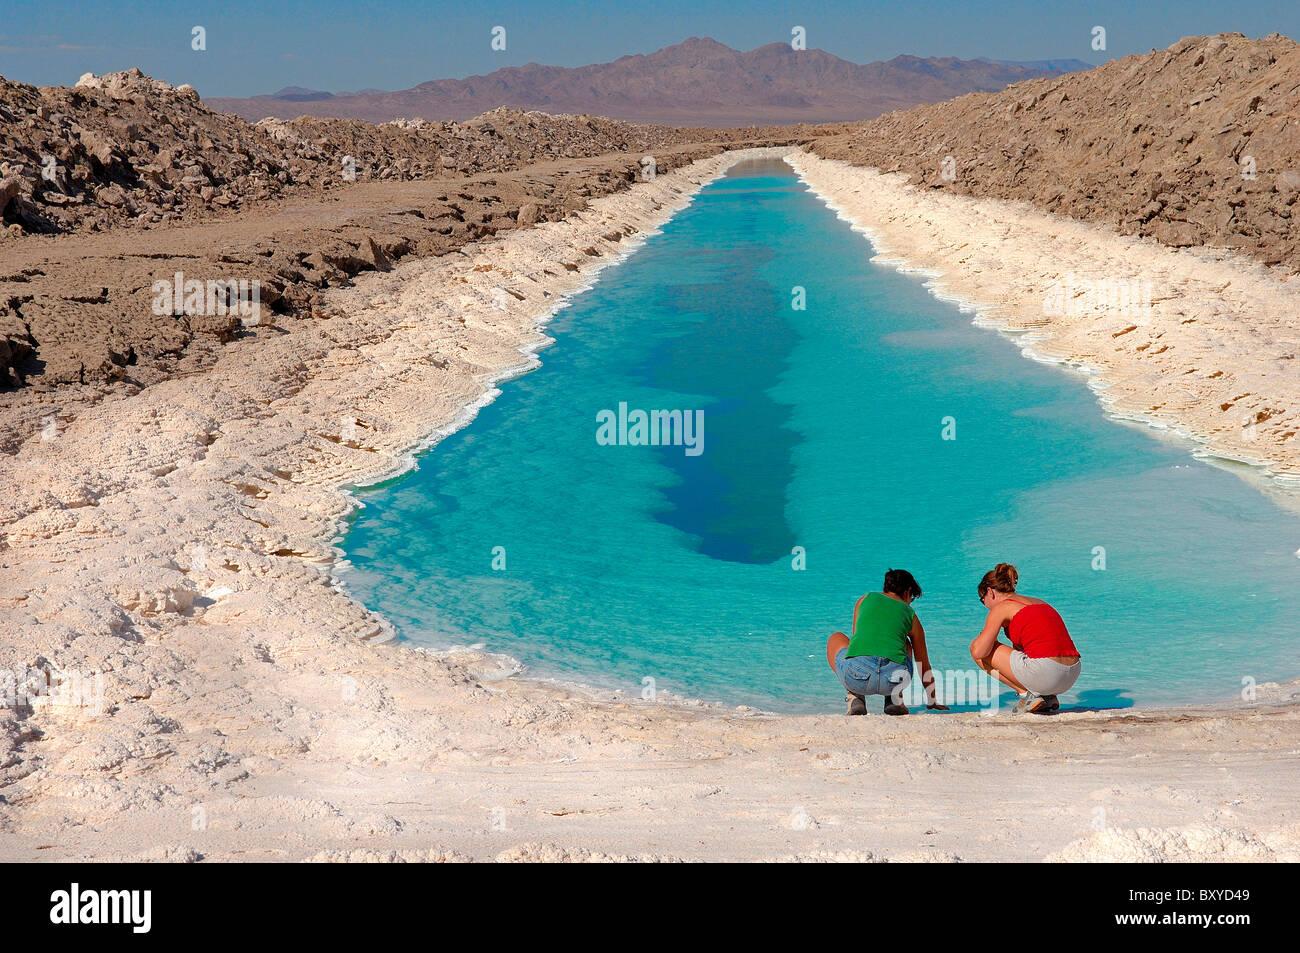 Campos de cloruro fuera de Amboy, el desierto de Mojave, California, EE.UU. Imagen De Stock